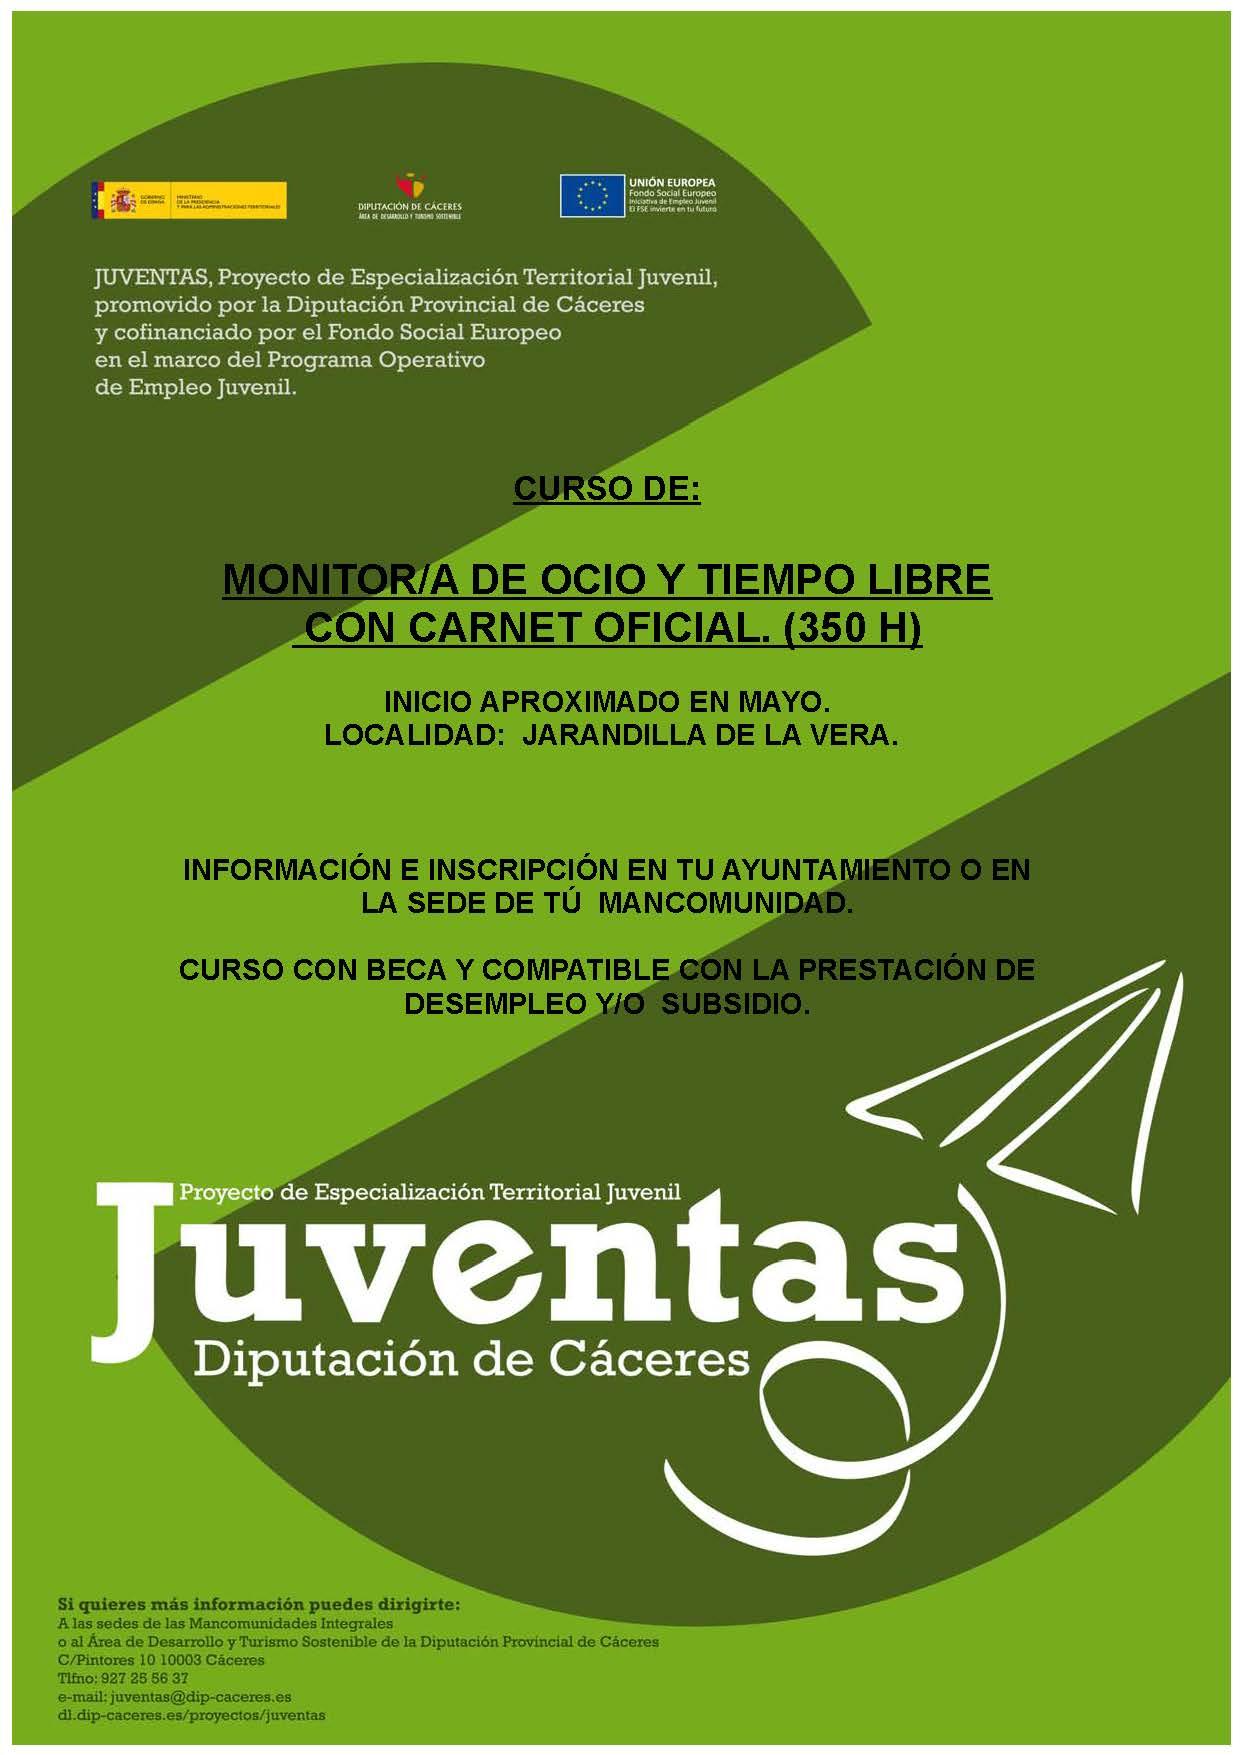 Plazas libres para el curso de Monitor de Ocio y Tiempo Libre que comienza hoy en Jarandilla de la Vera